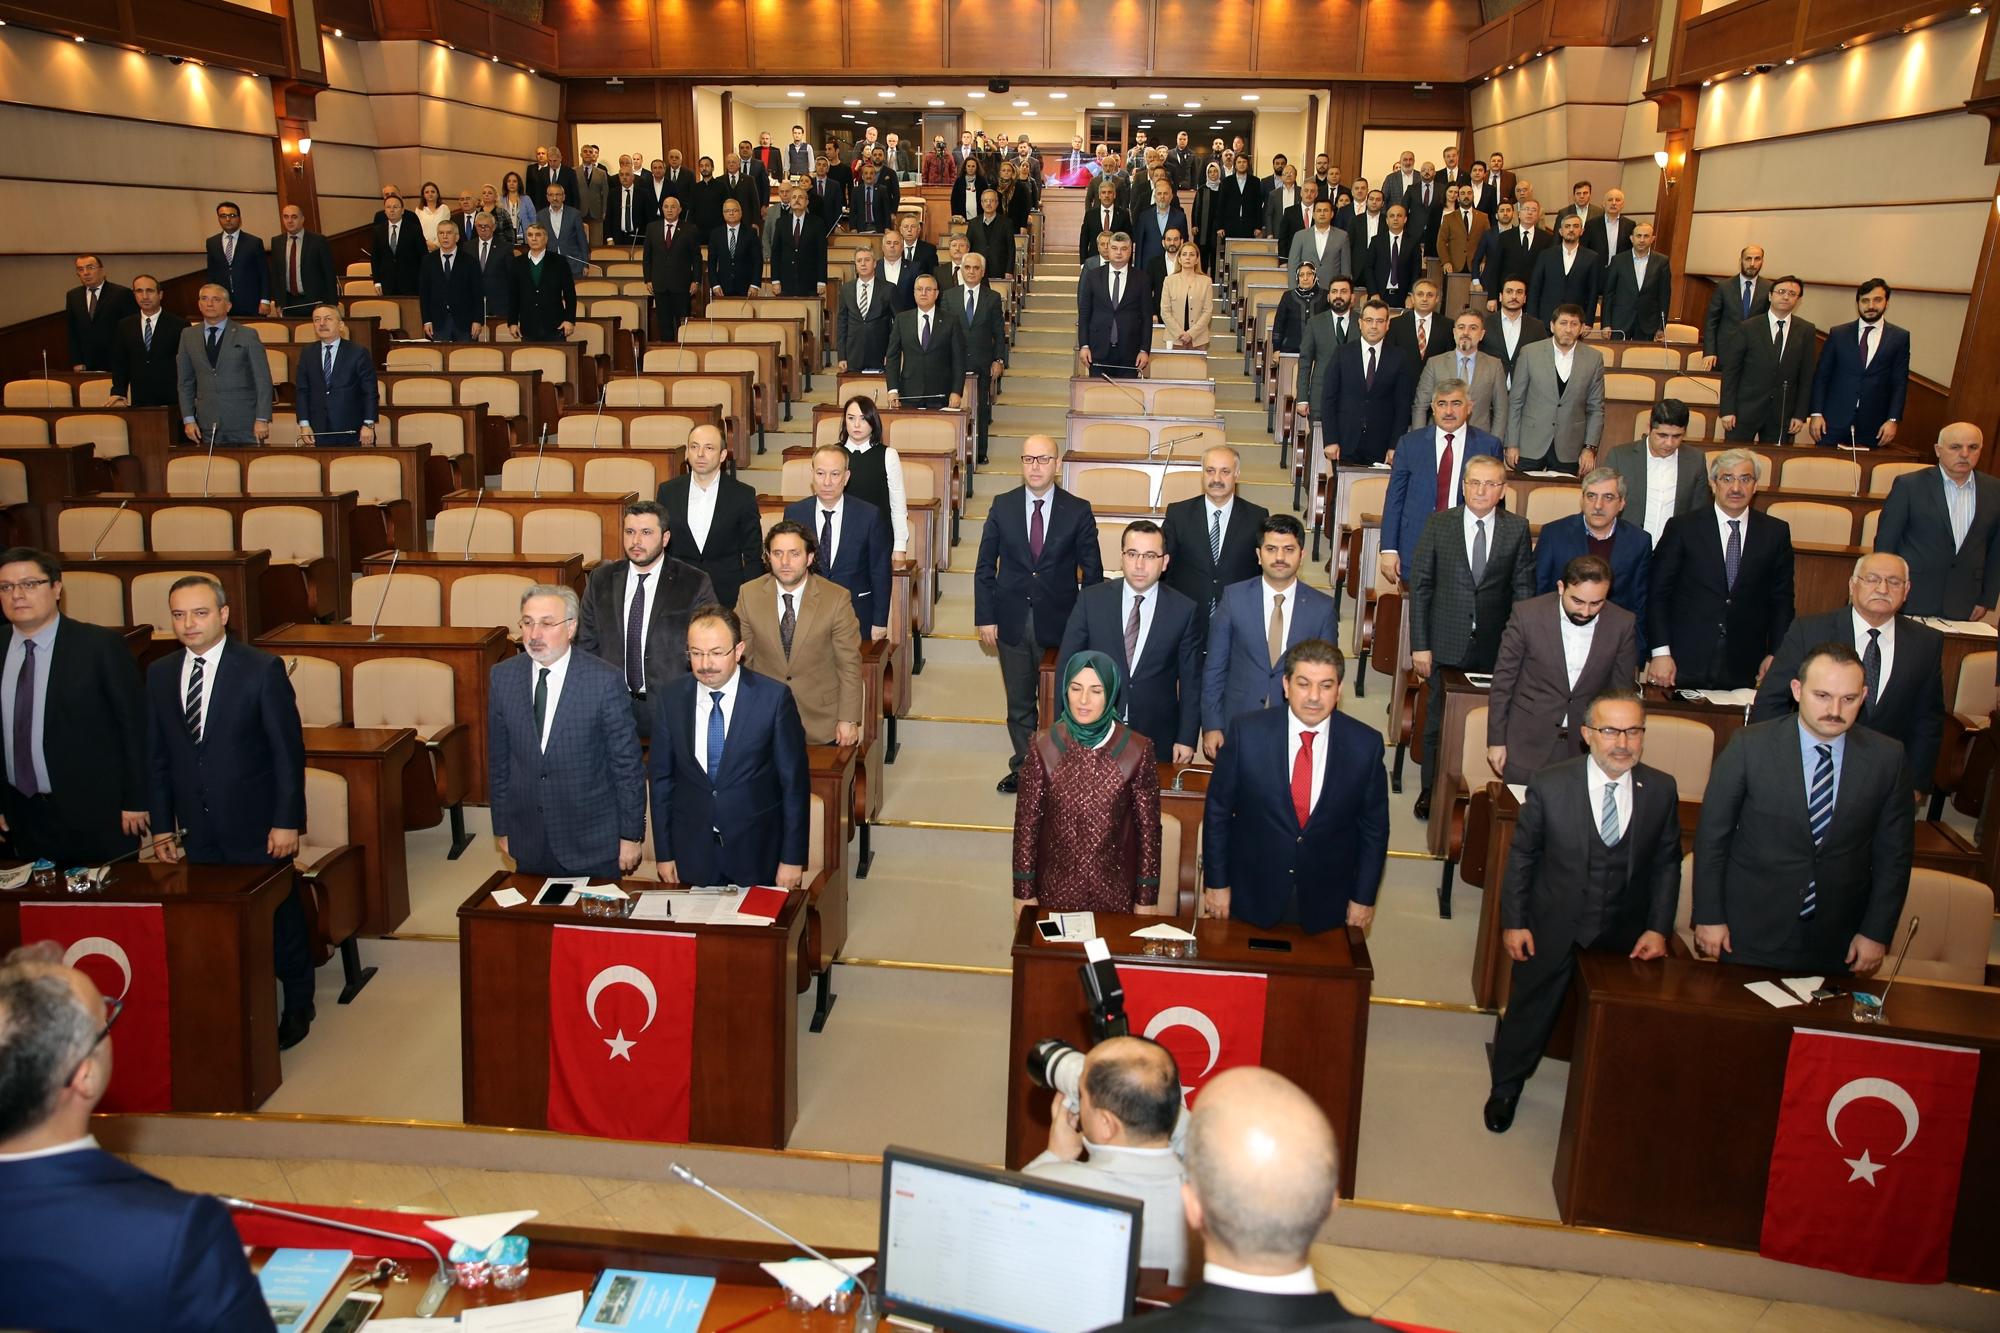 İBB Meclisinden Afrin Şehitleri için Saygı Duruşu ve Dua